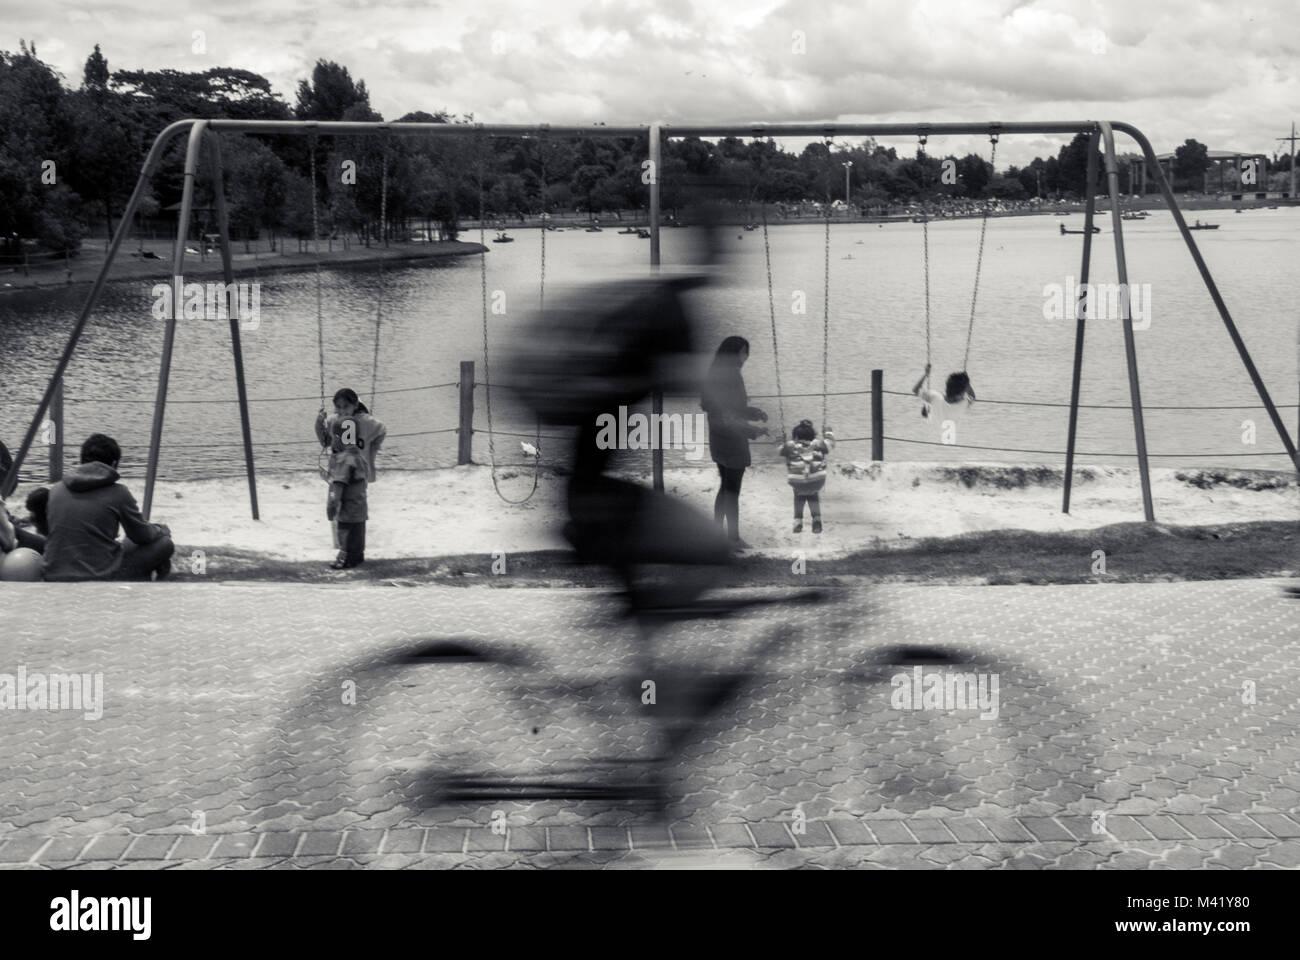 Una Foto In Bianco E Nero Di Un Ciclista Che Passa Rapidamente Di